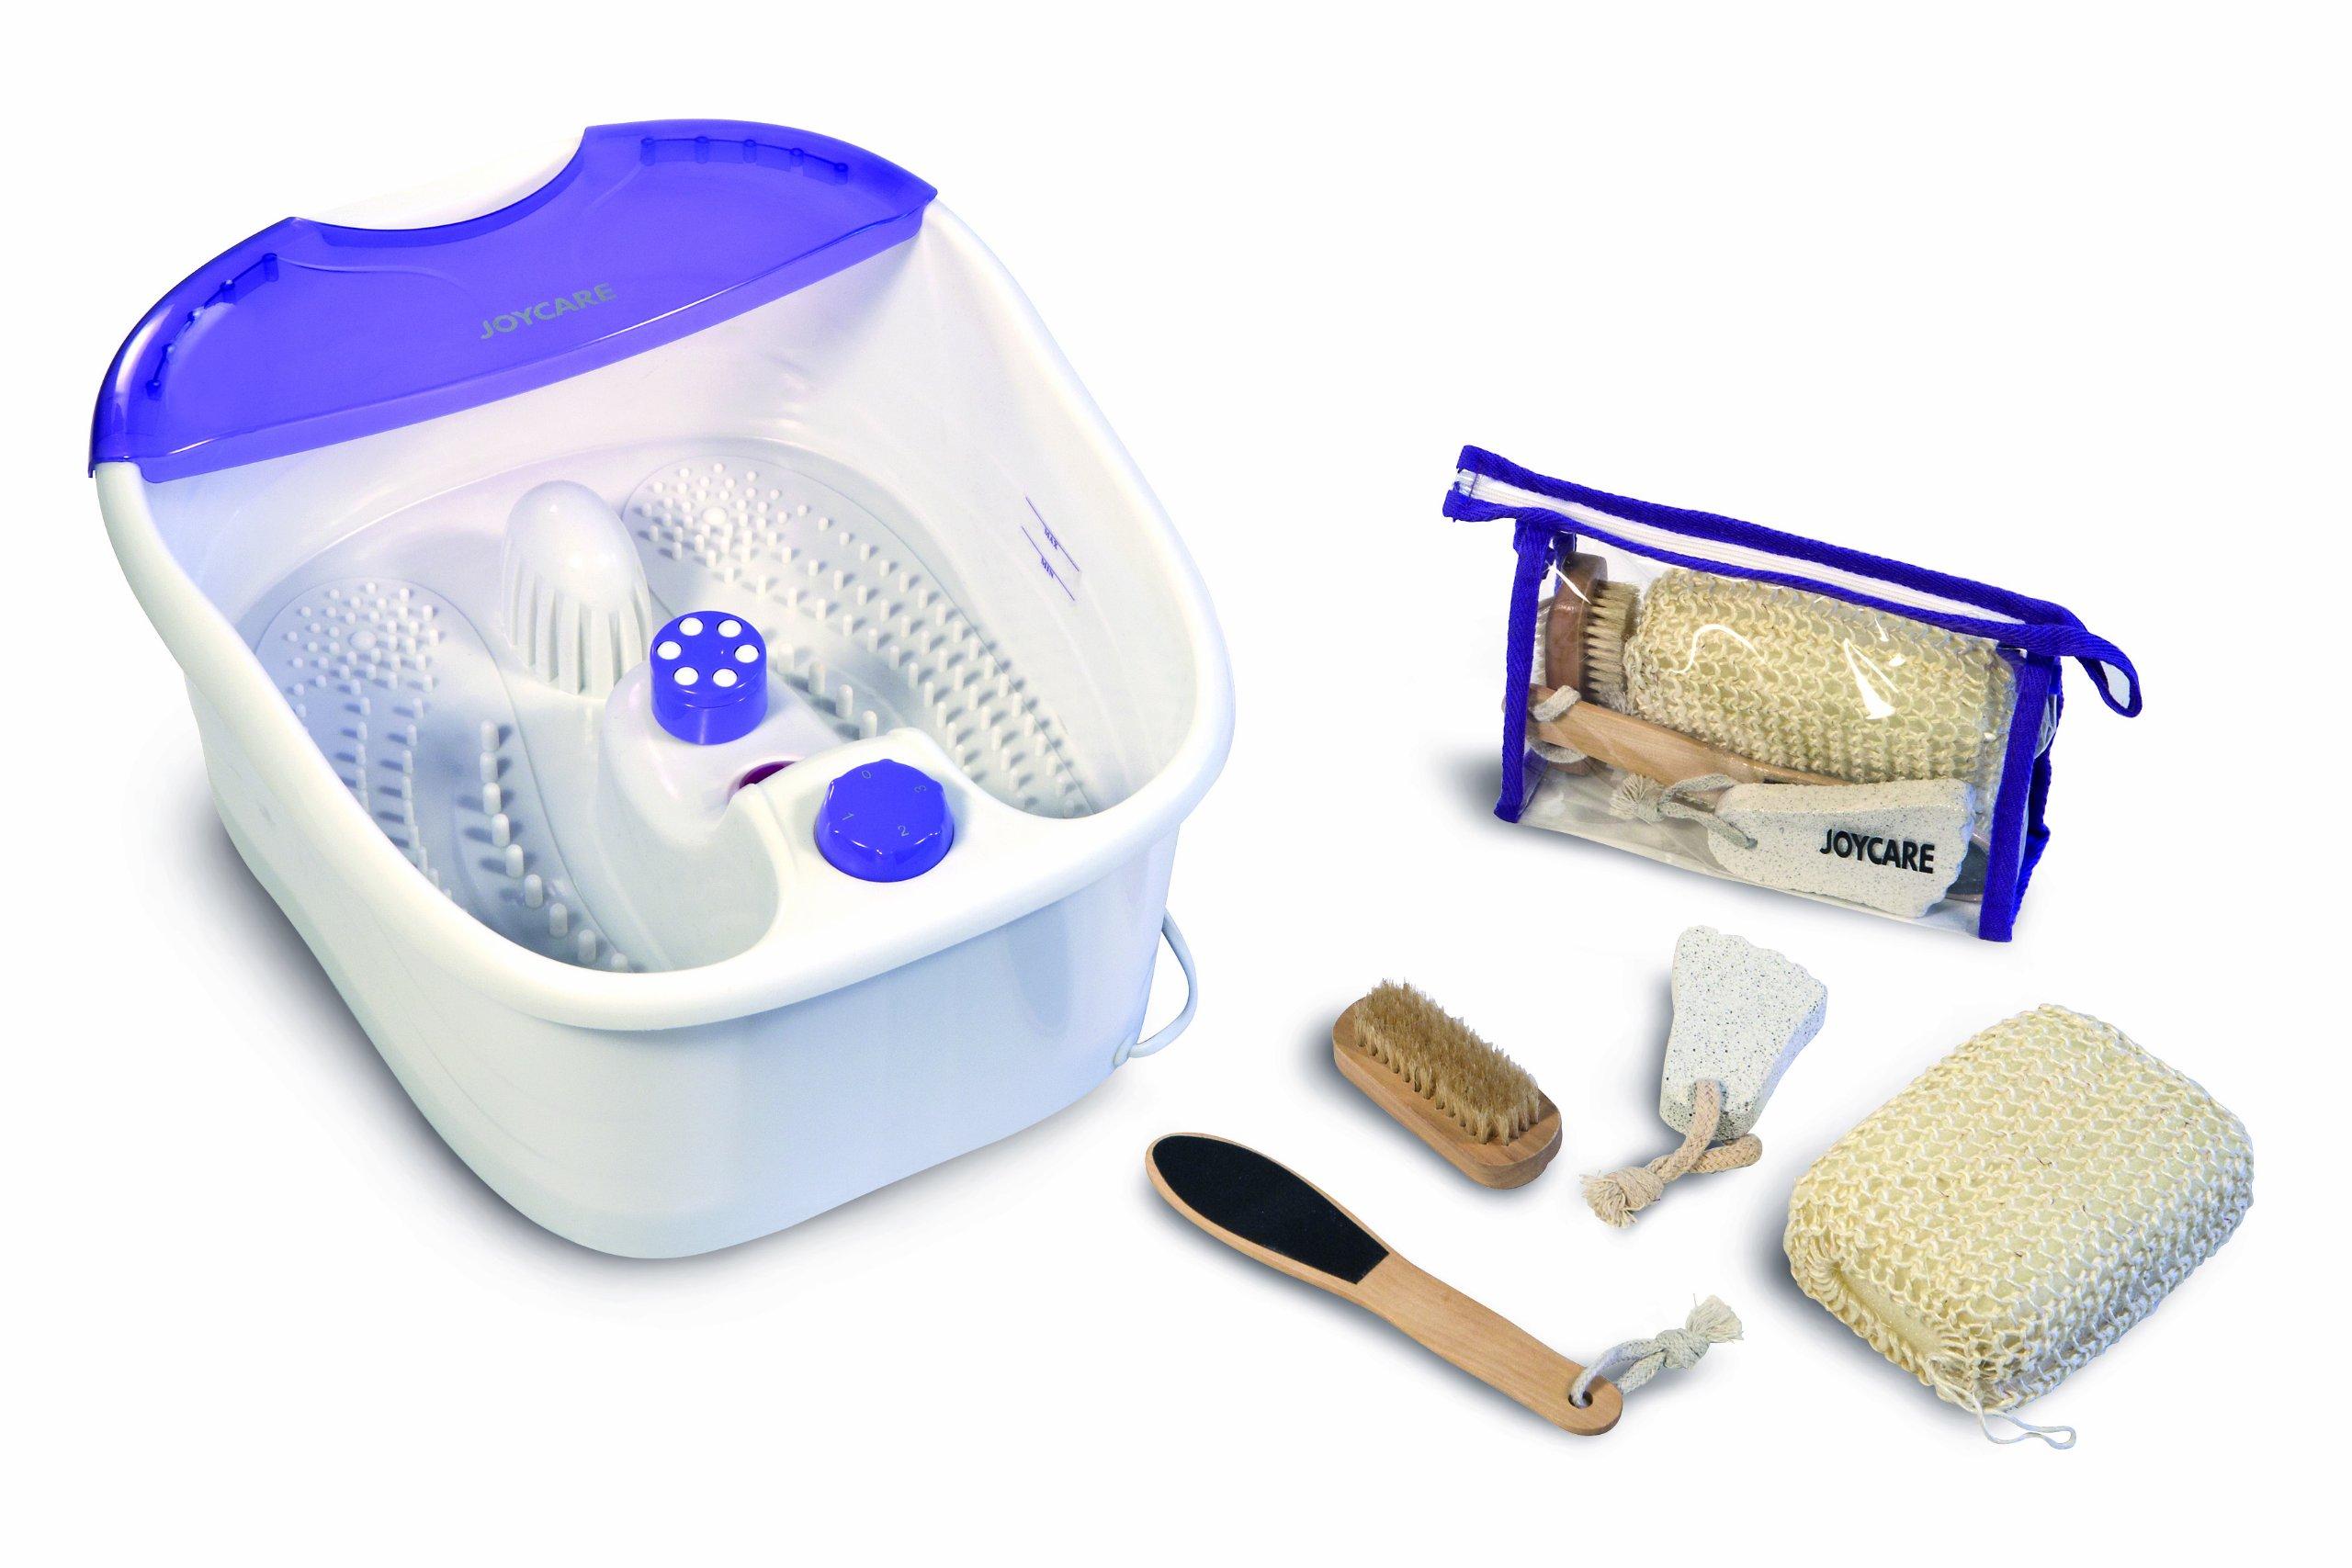 Joycare Bain à Pied Hydromasseur avec Son Set de Bain product image